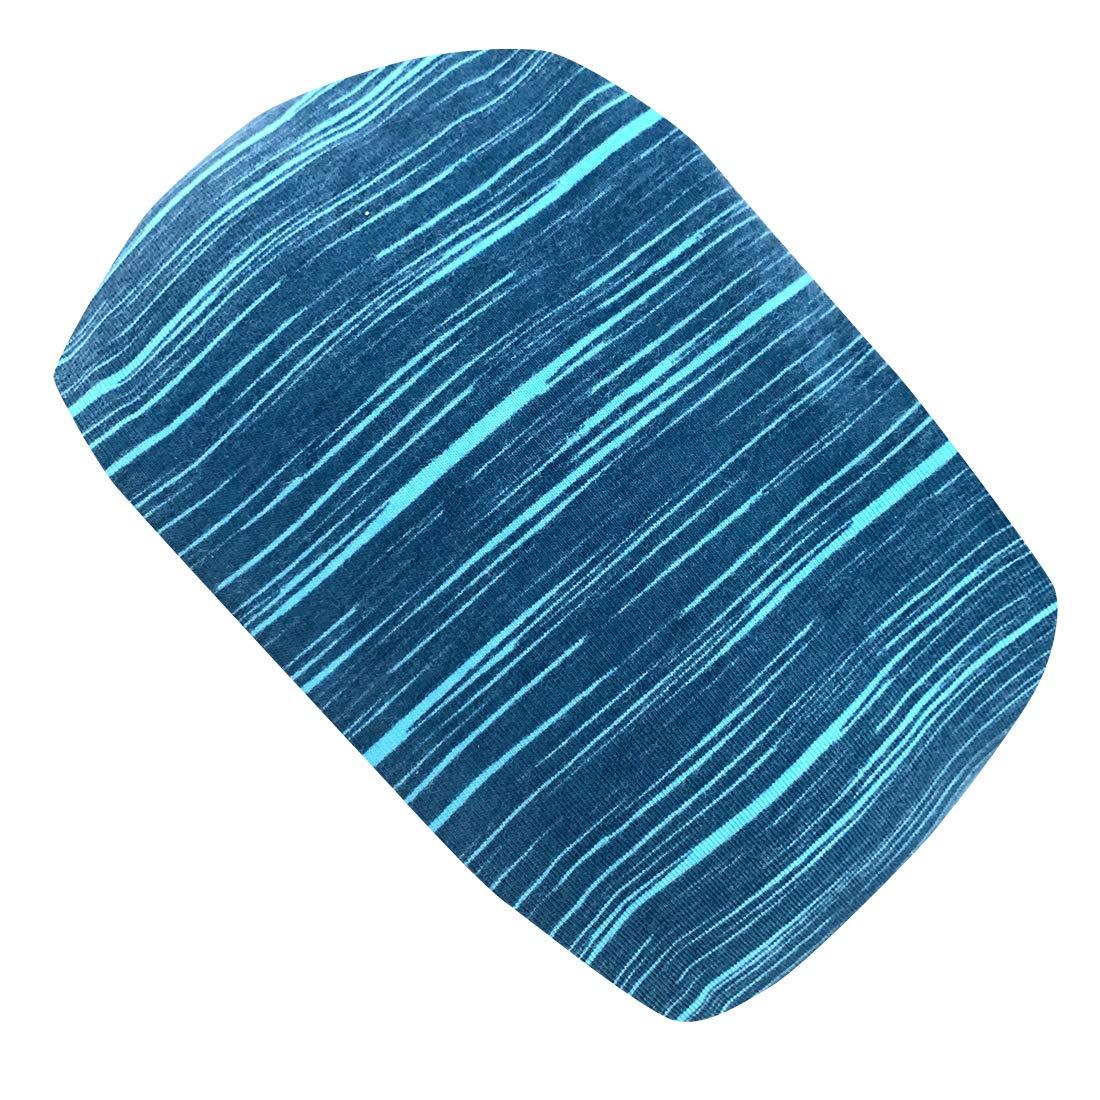 Wollhuhn 20194011 colore: Petrolio in tessuto ecologico Fascia elastica per capelli per ragazzi